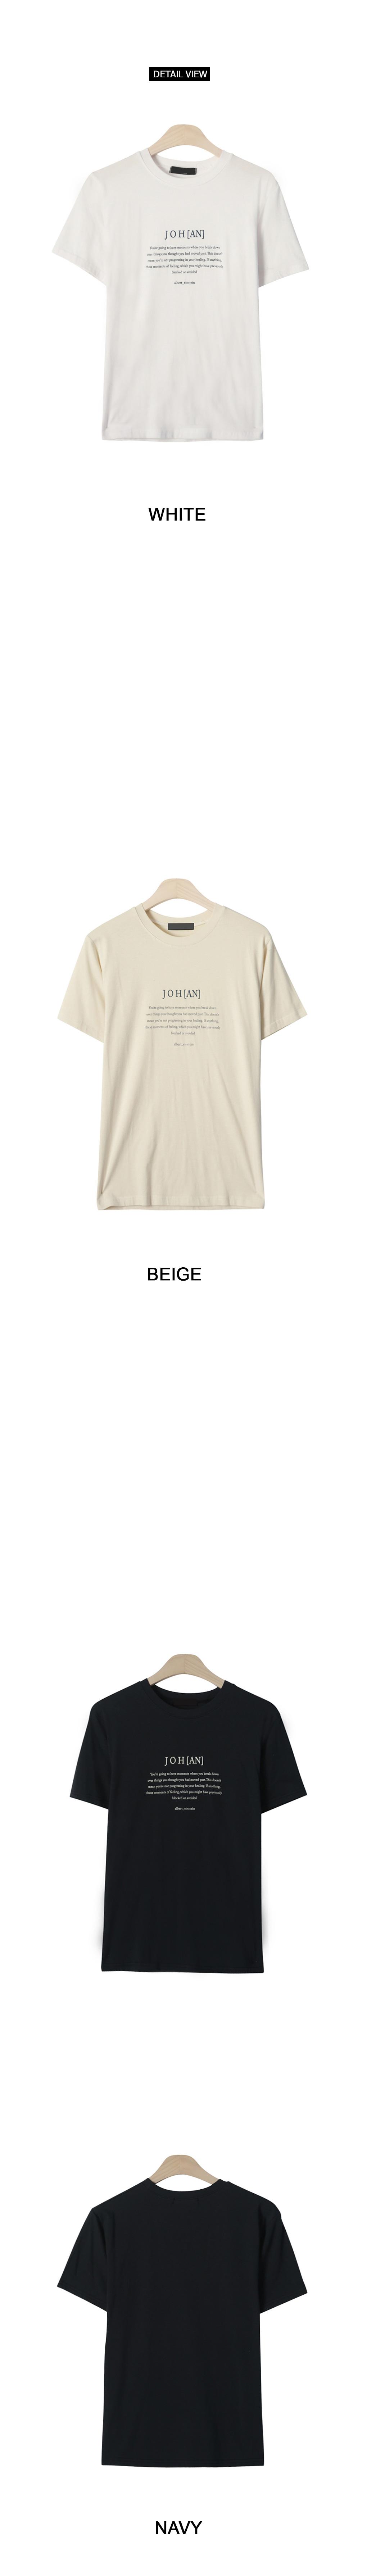 Joan Letterling short sleeve polo shirt